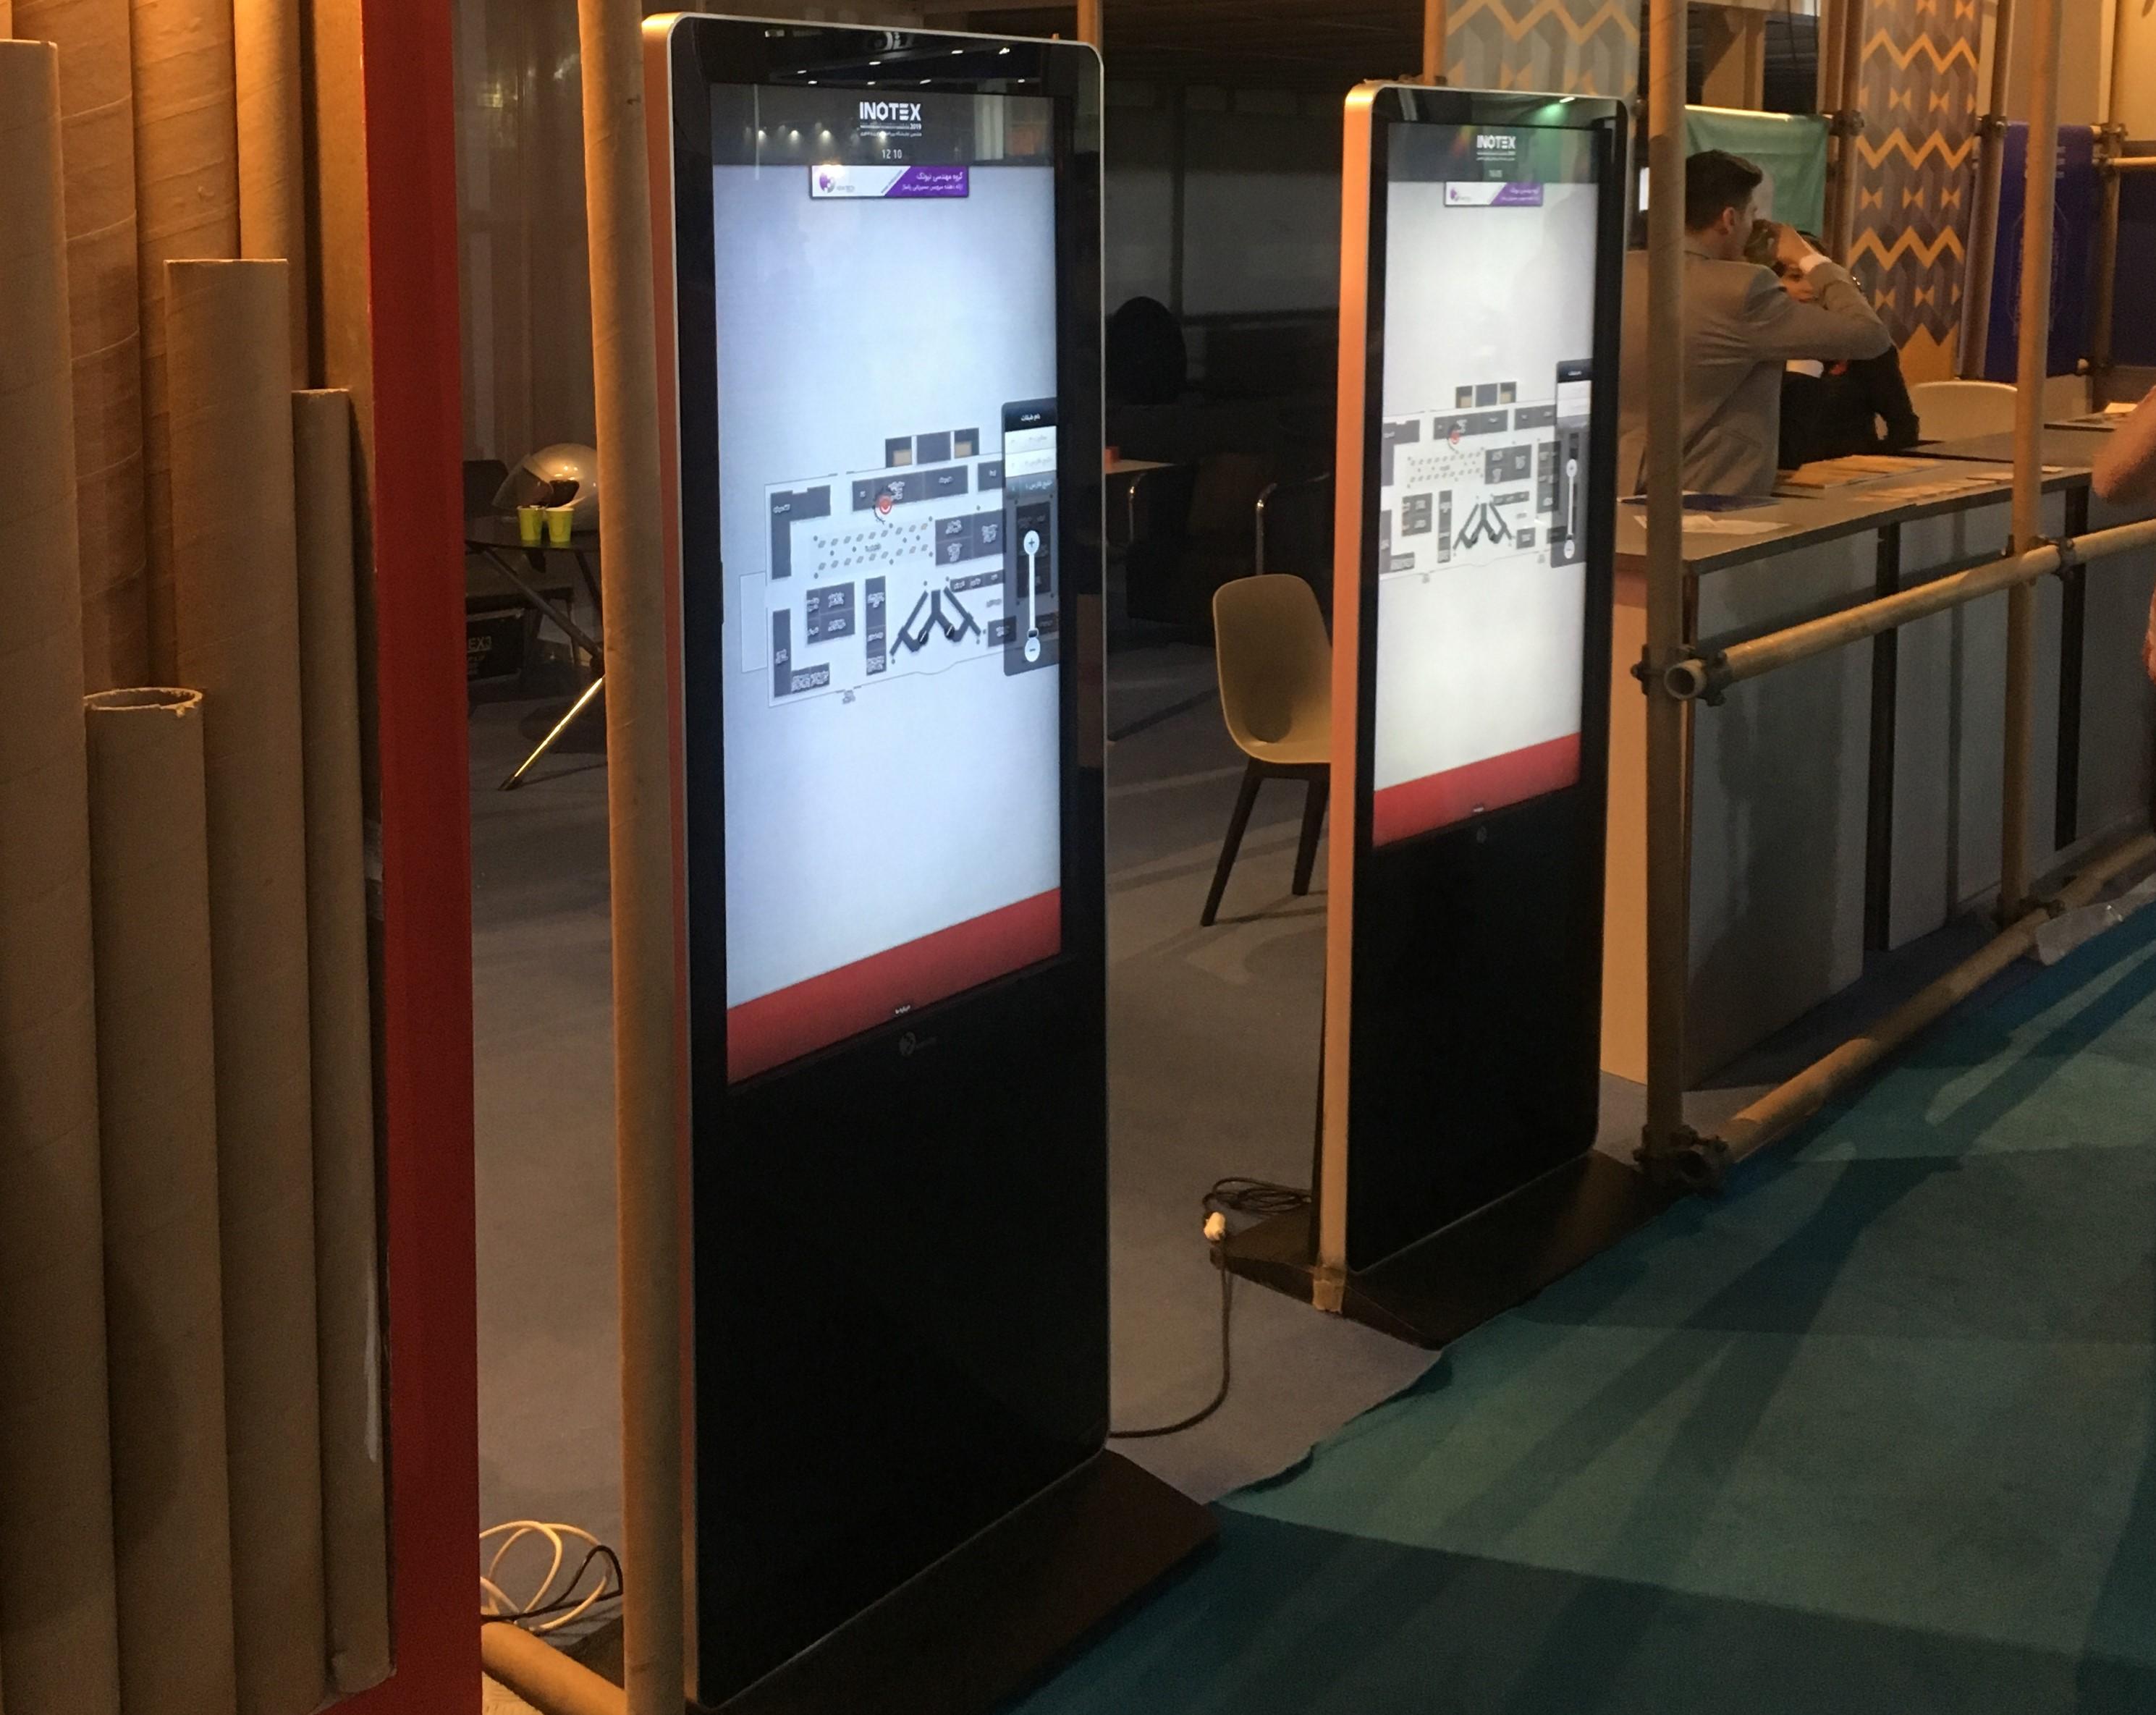 اجاره تجهیزات نمایشگاهی لمسی نیوتک در اینوتکس